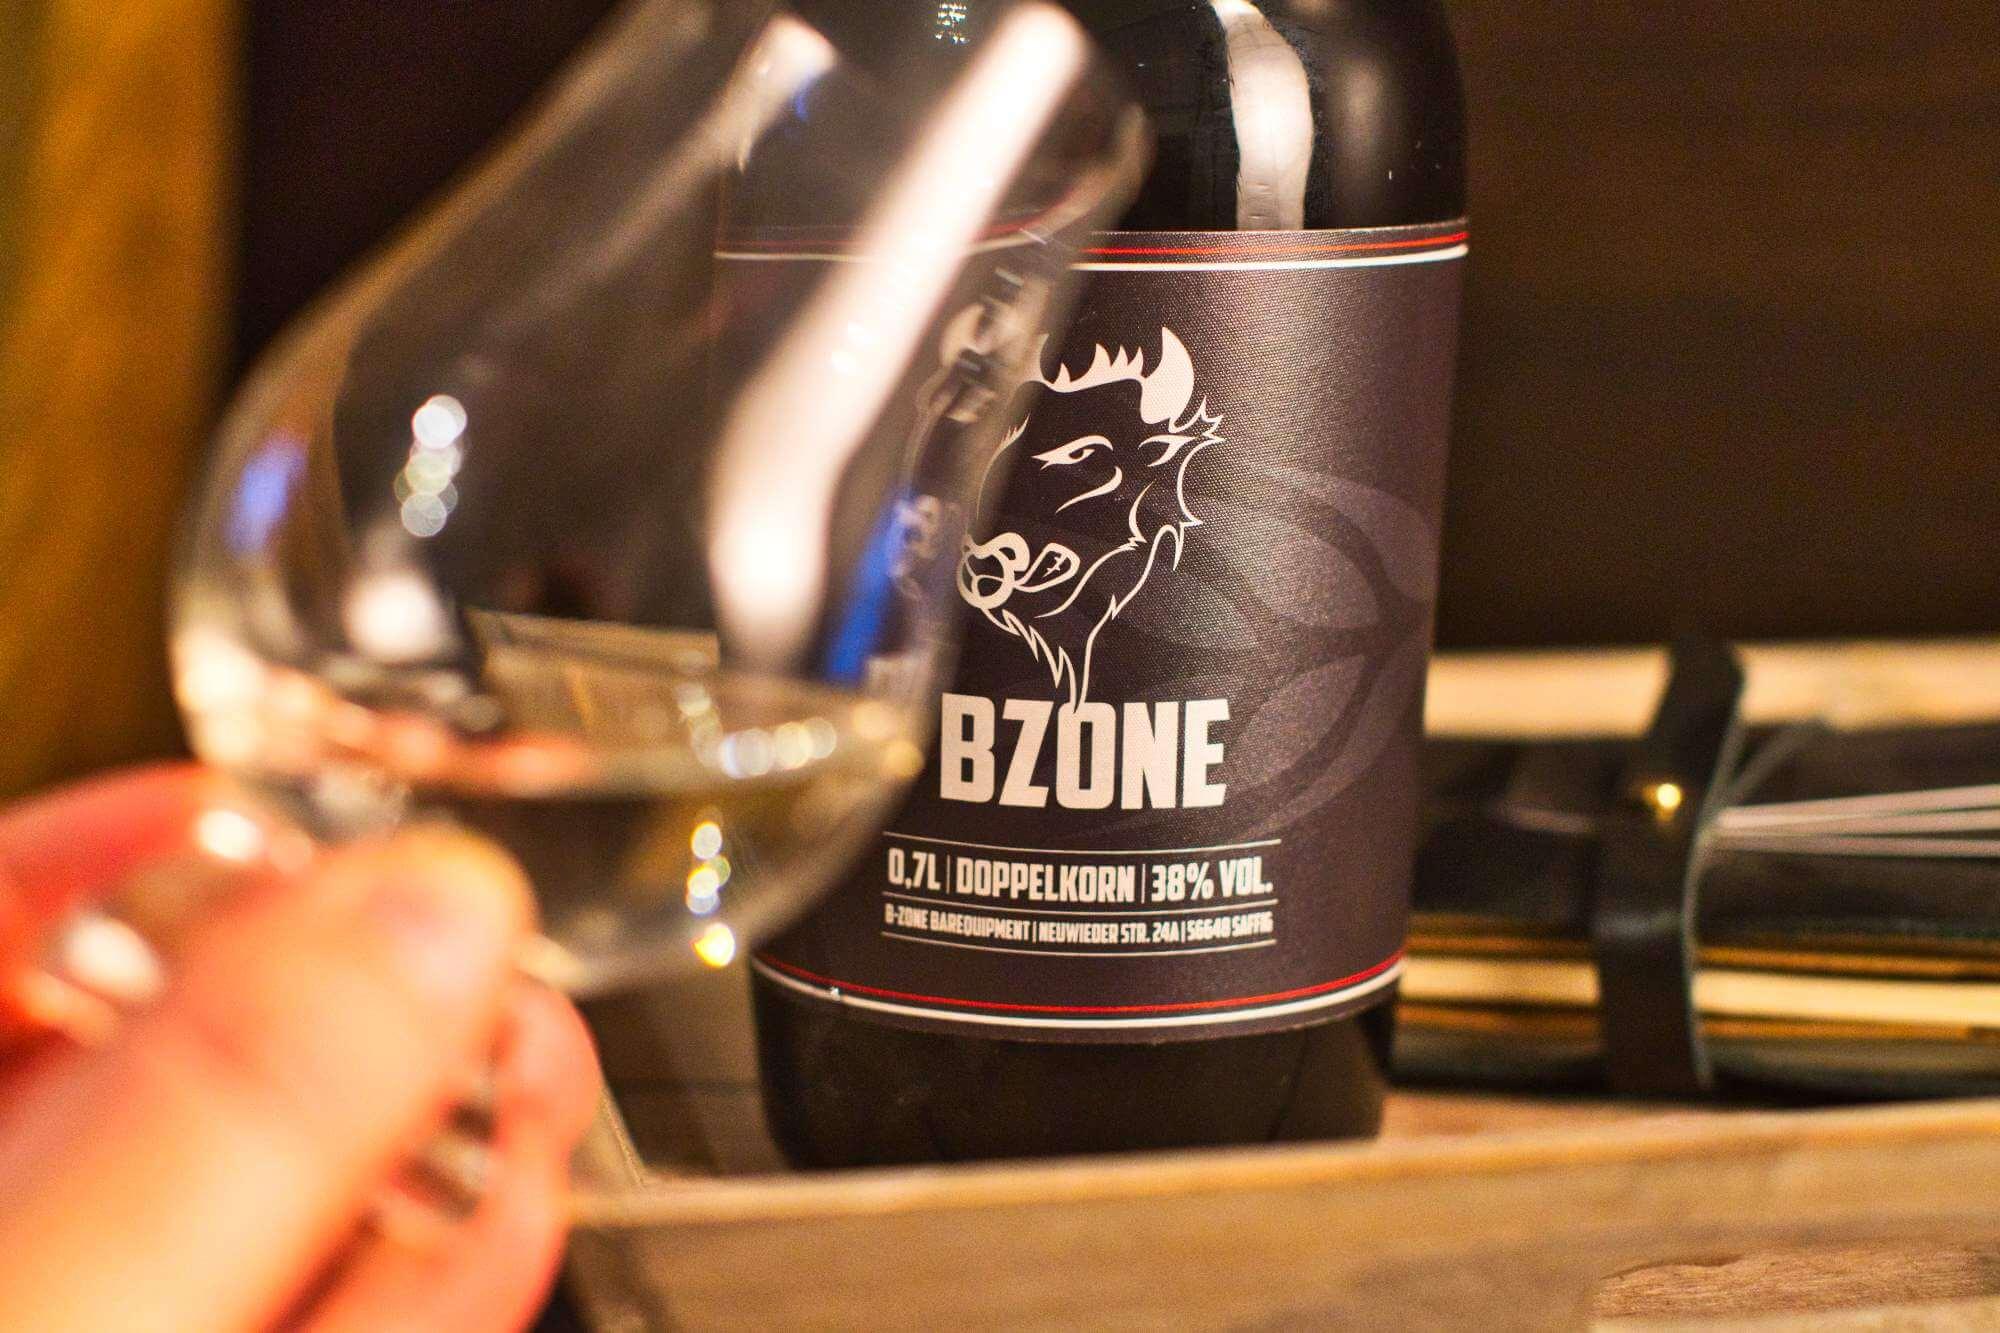 Bzone – Doppelkorn – ehrlich, lecker, direkt